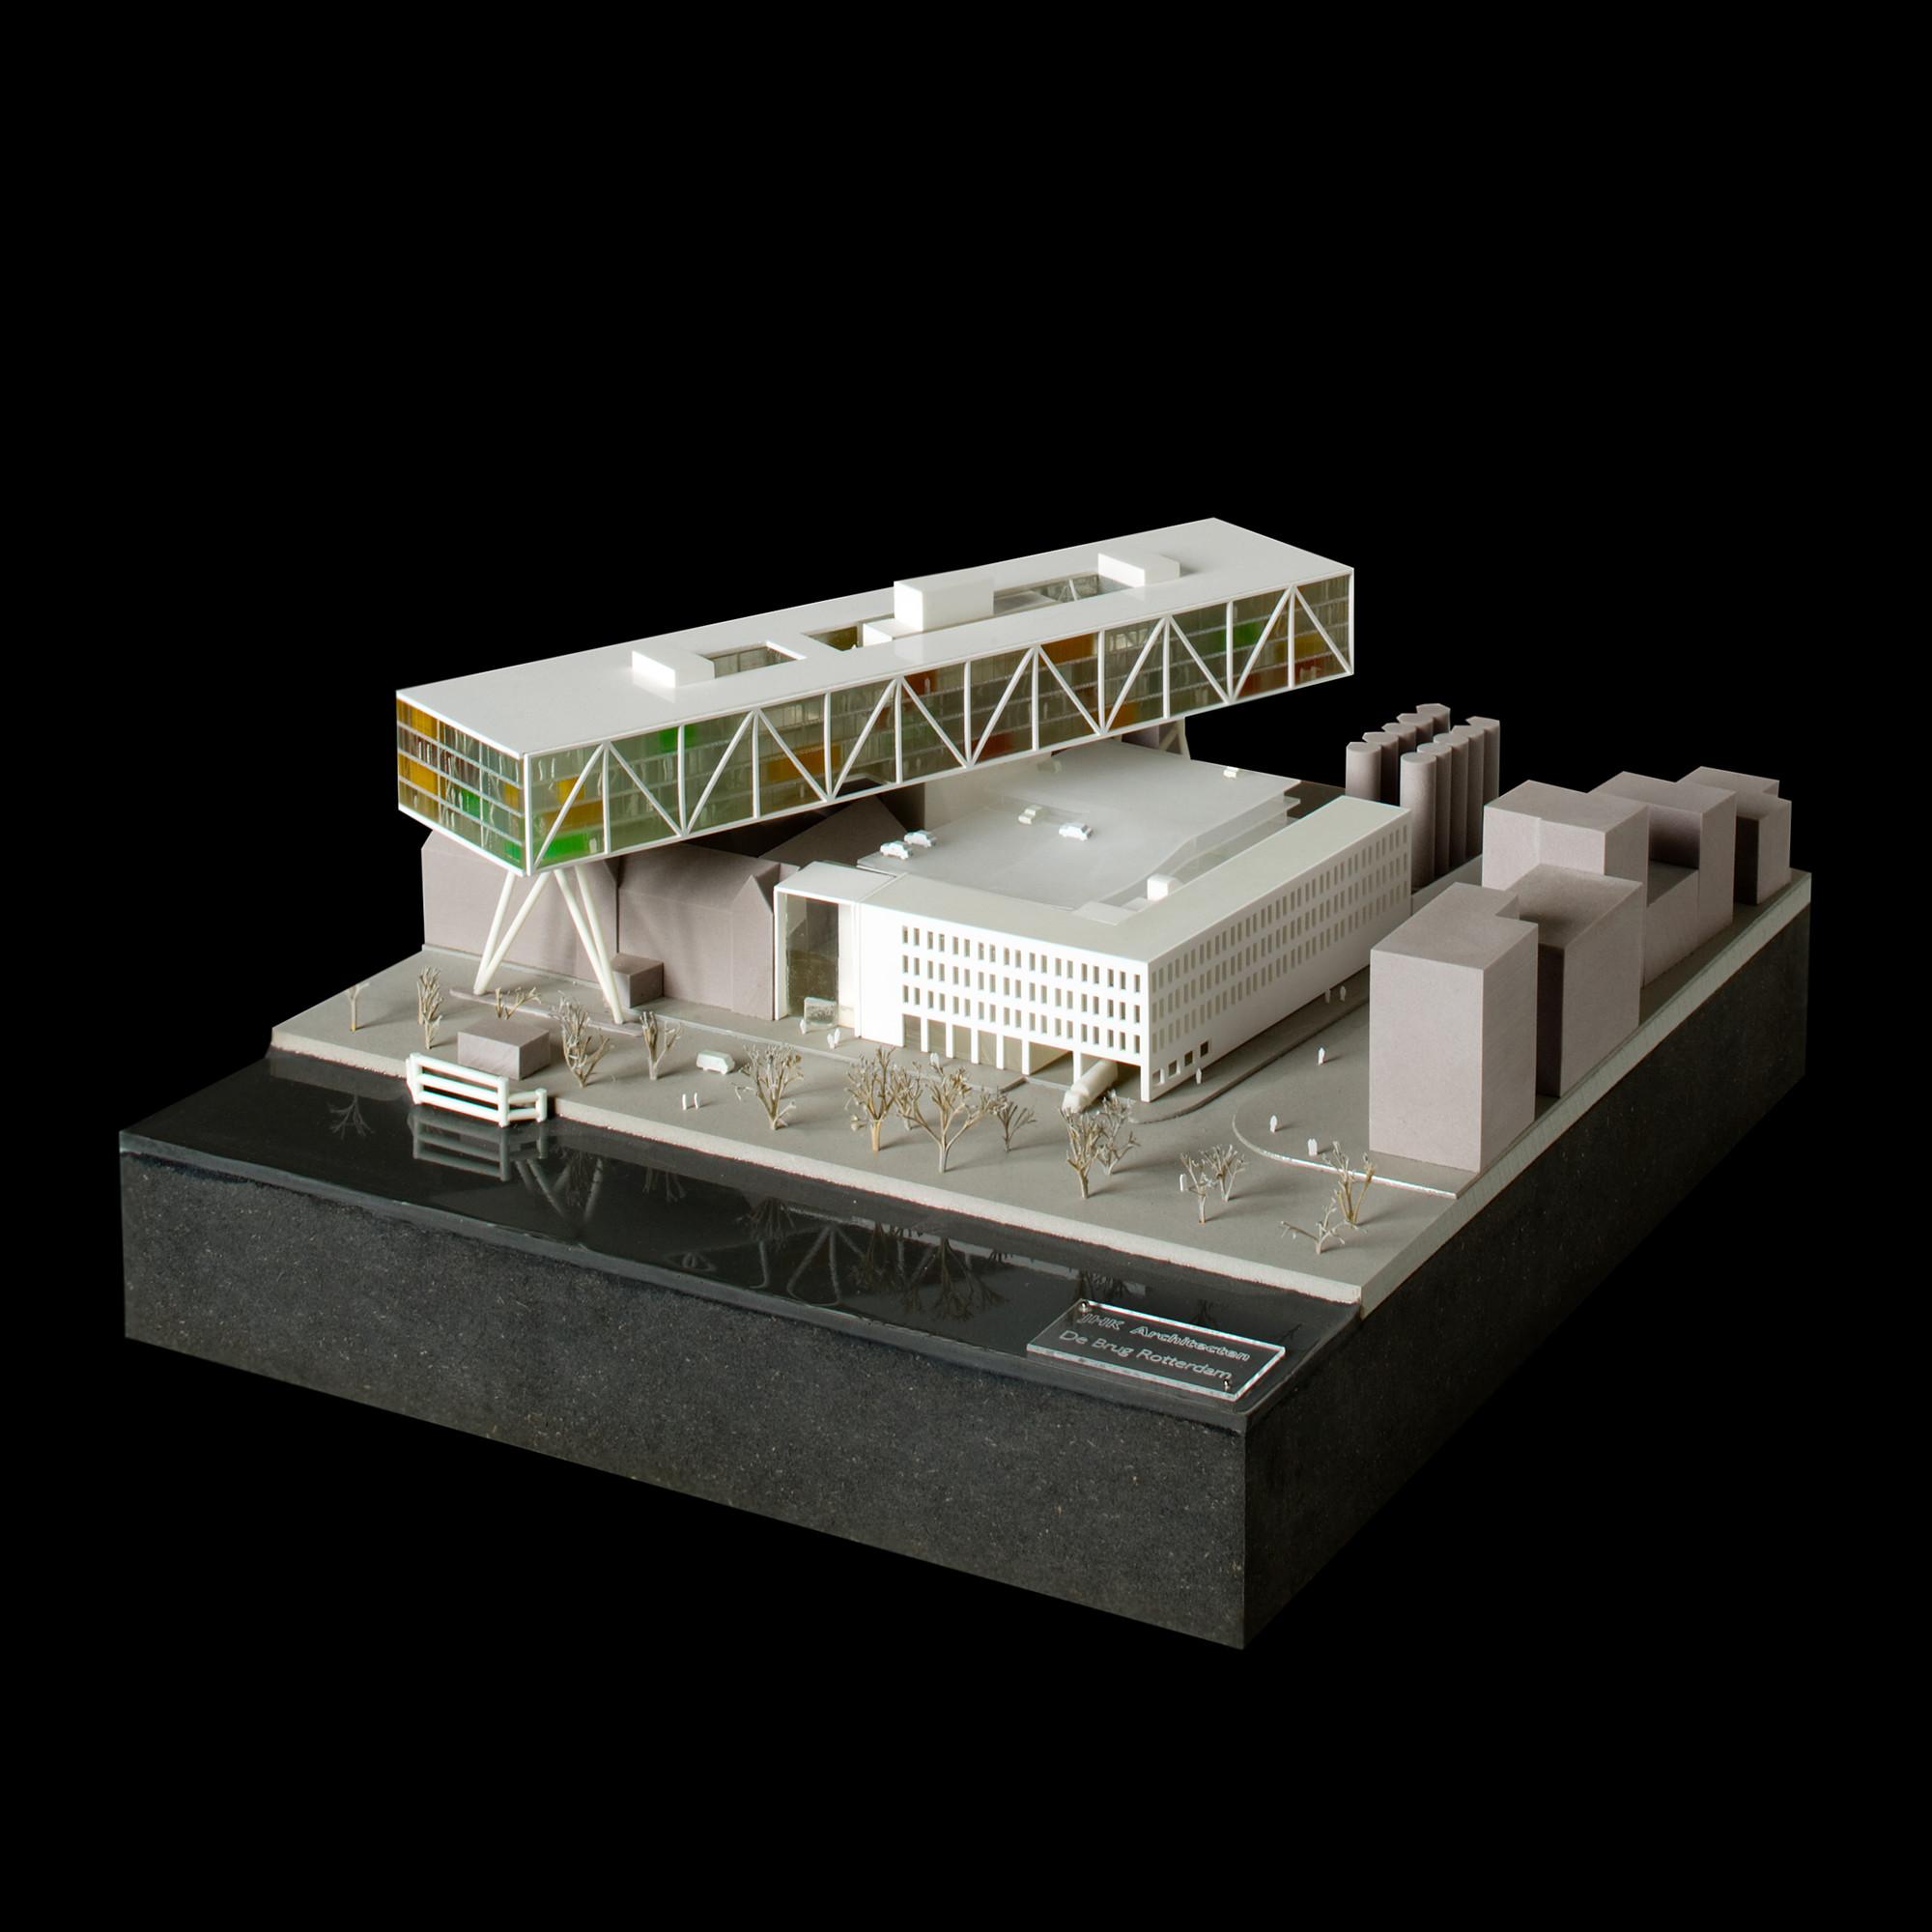 Galeria de exposi o made in europe mostra 25 anos do - Premio mies van der rohe ...